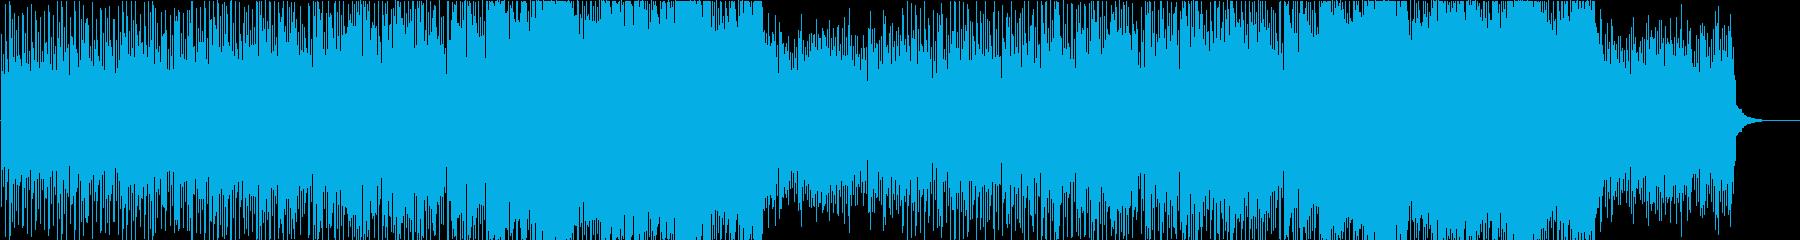 爽やかで都会的な4つ打ちピアノのポップスの再生済みの波形